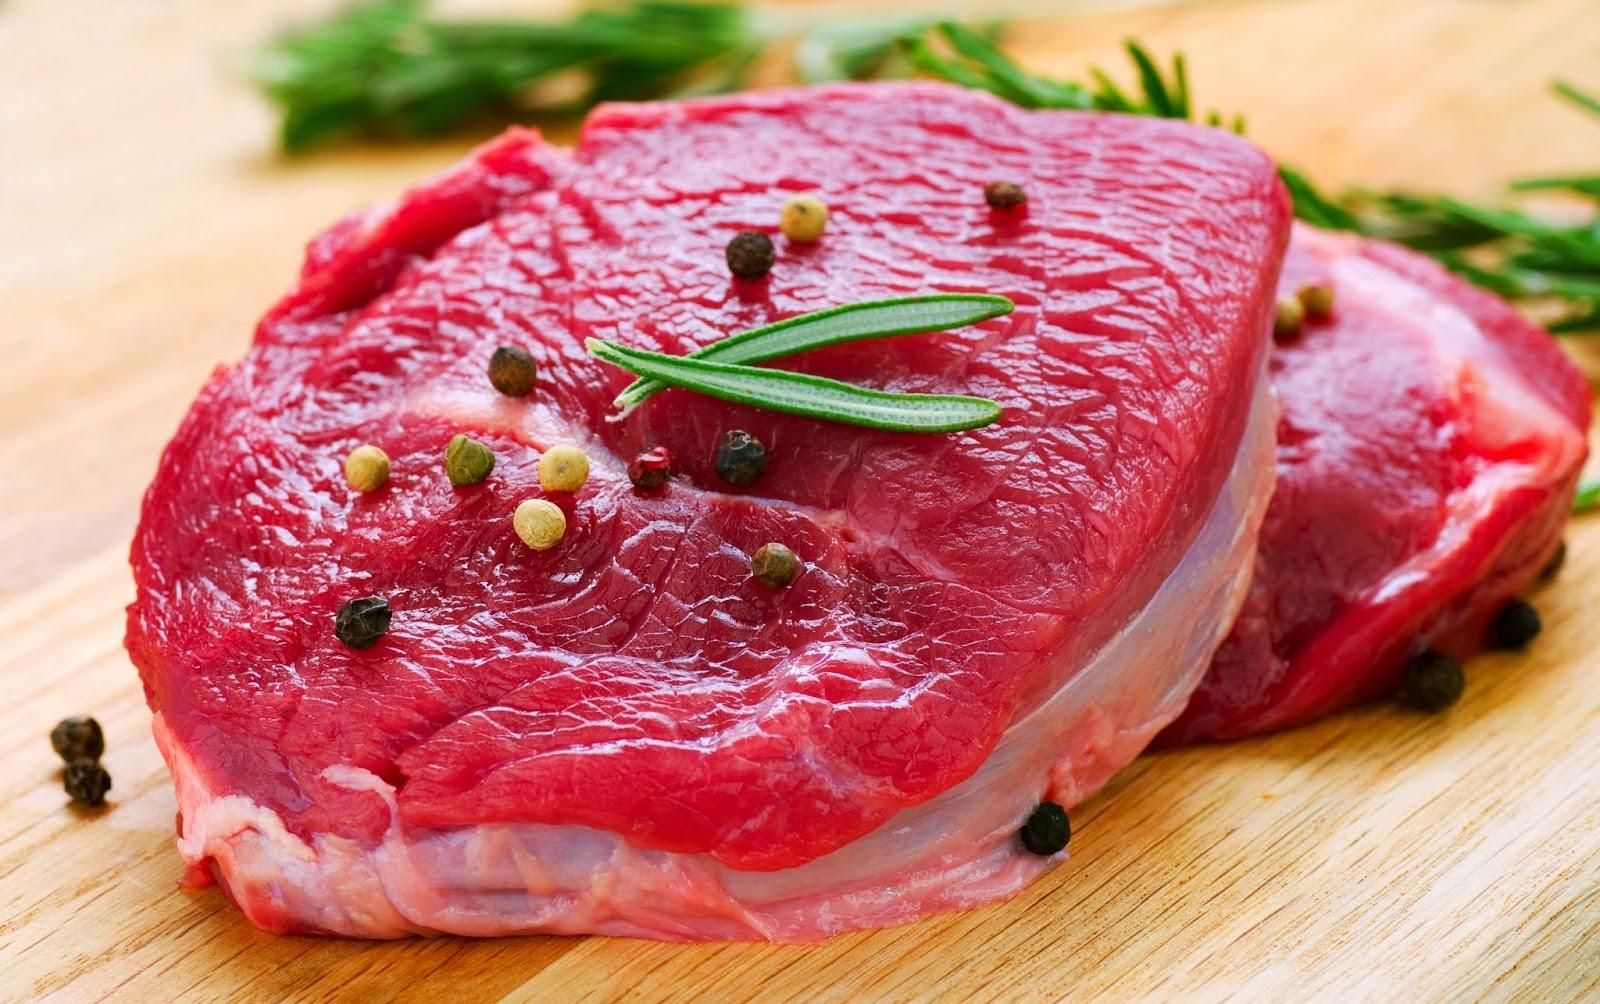 Đàn ông nên, không nên ăn gì để 'yêu' lâu hơn? – Báo Zing đưa tin